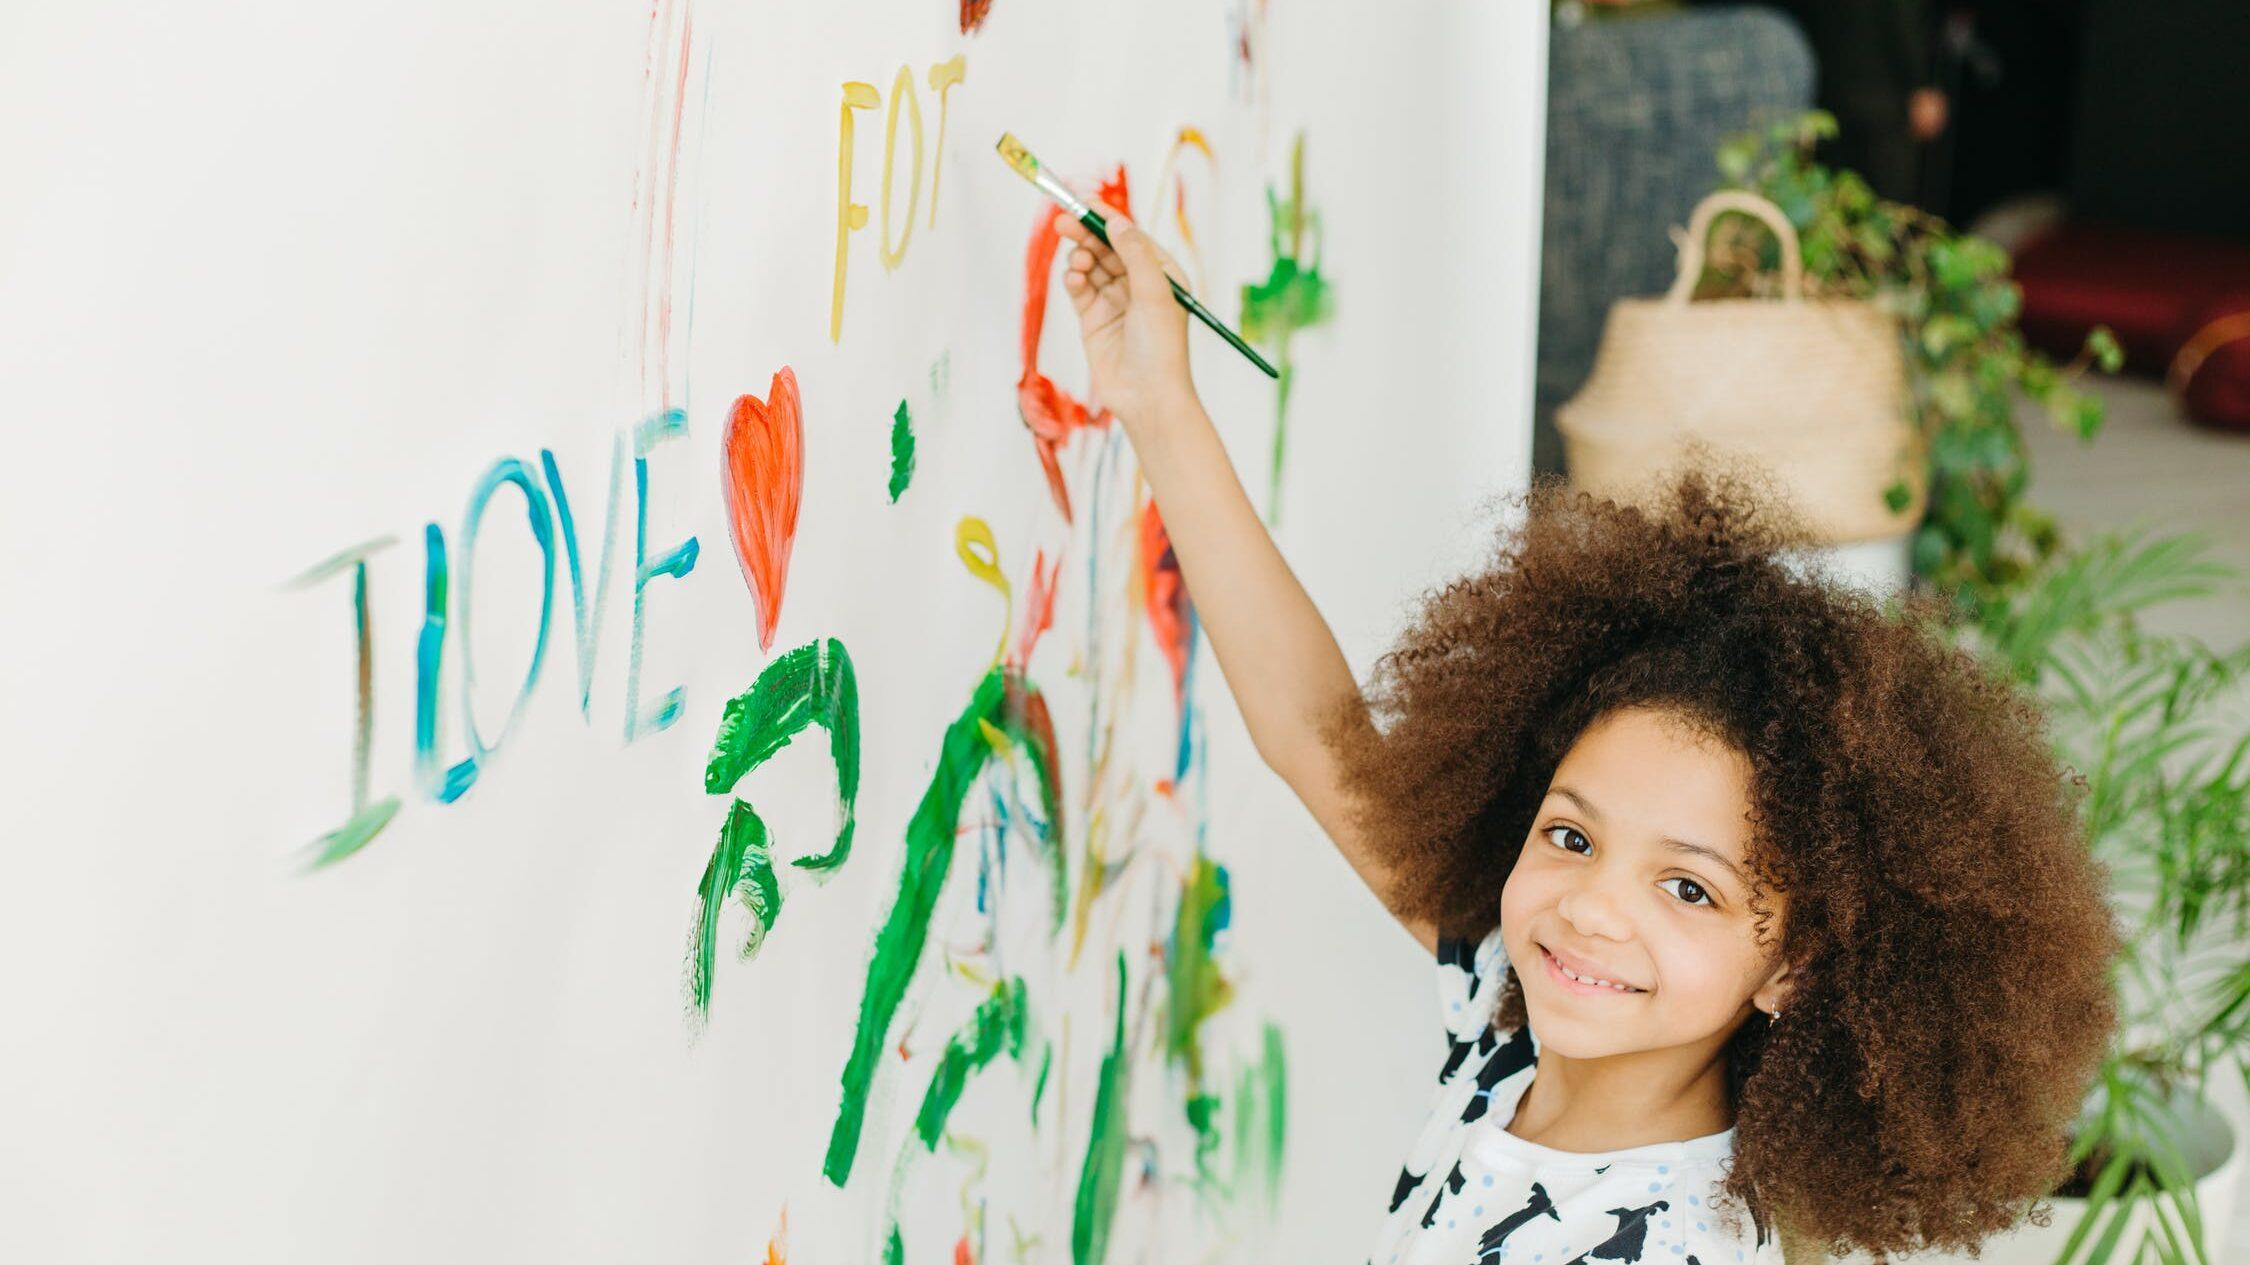 3歳までに絶対やるべきこととは?いつまで?運動や絵本の読み聞かせなどのイメージ画像5